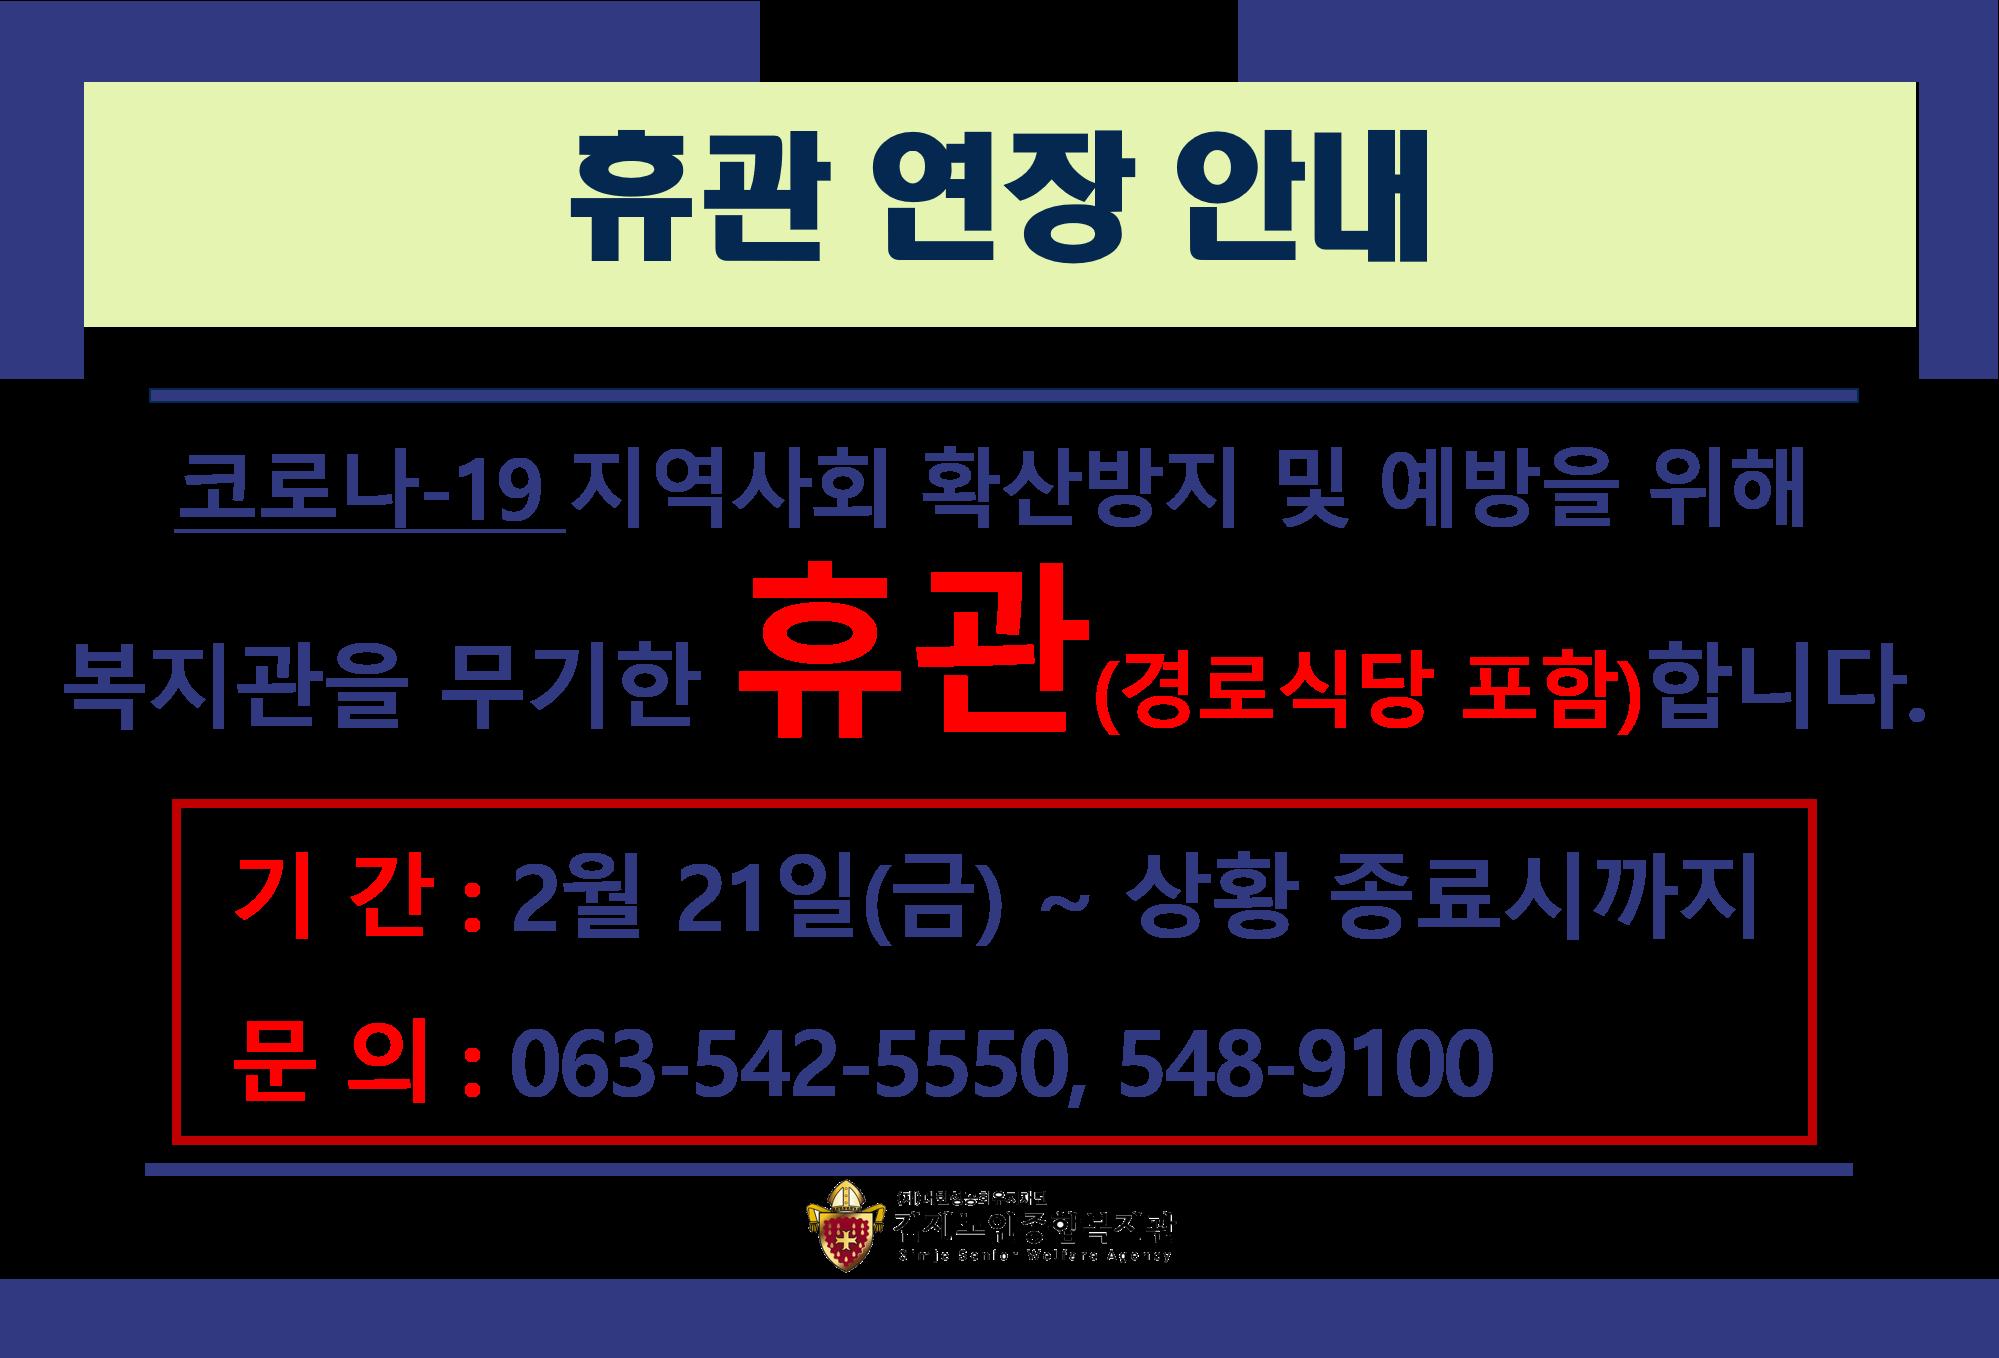 a743a477c36c7b747a03a487d0b5dfd6_1583457